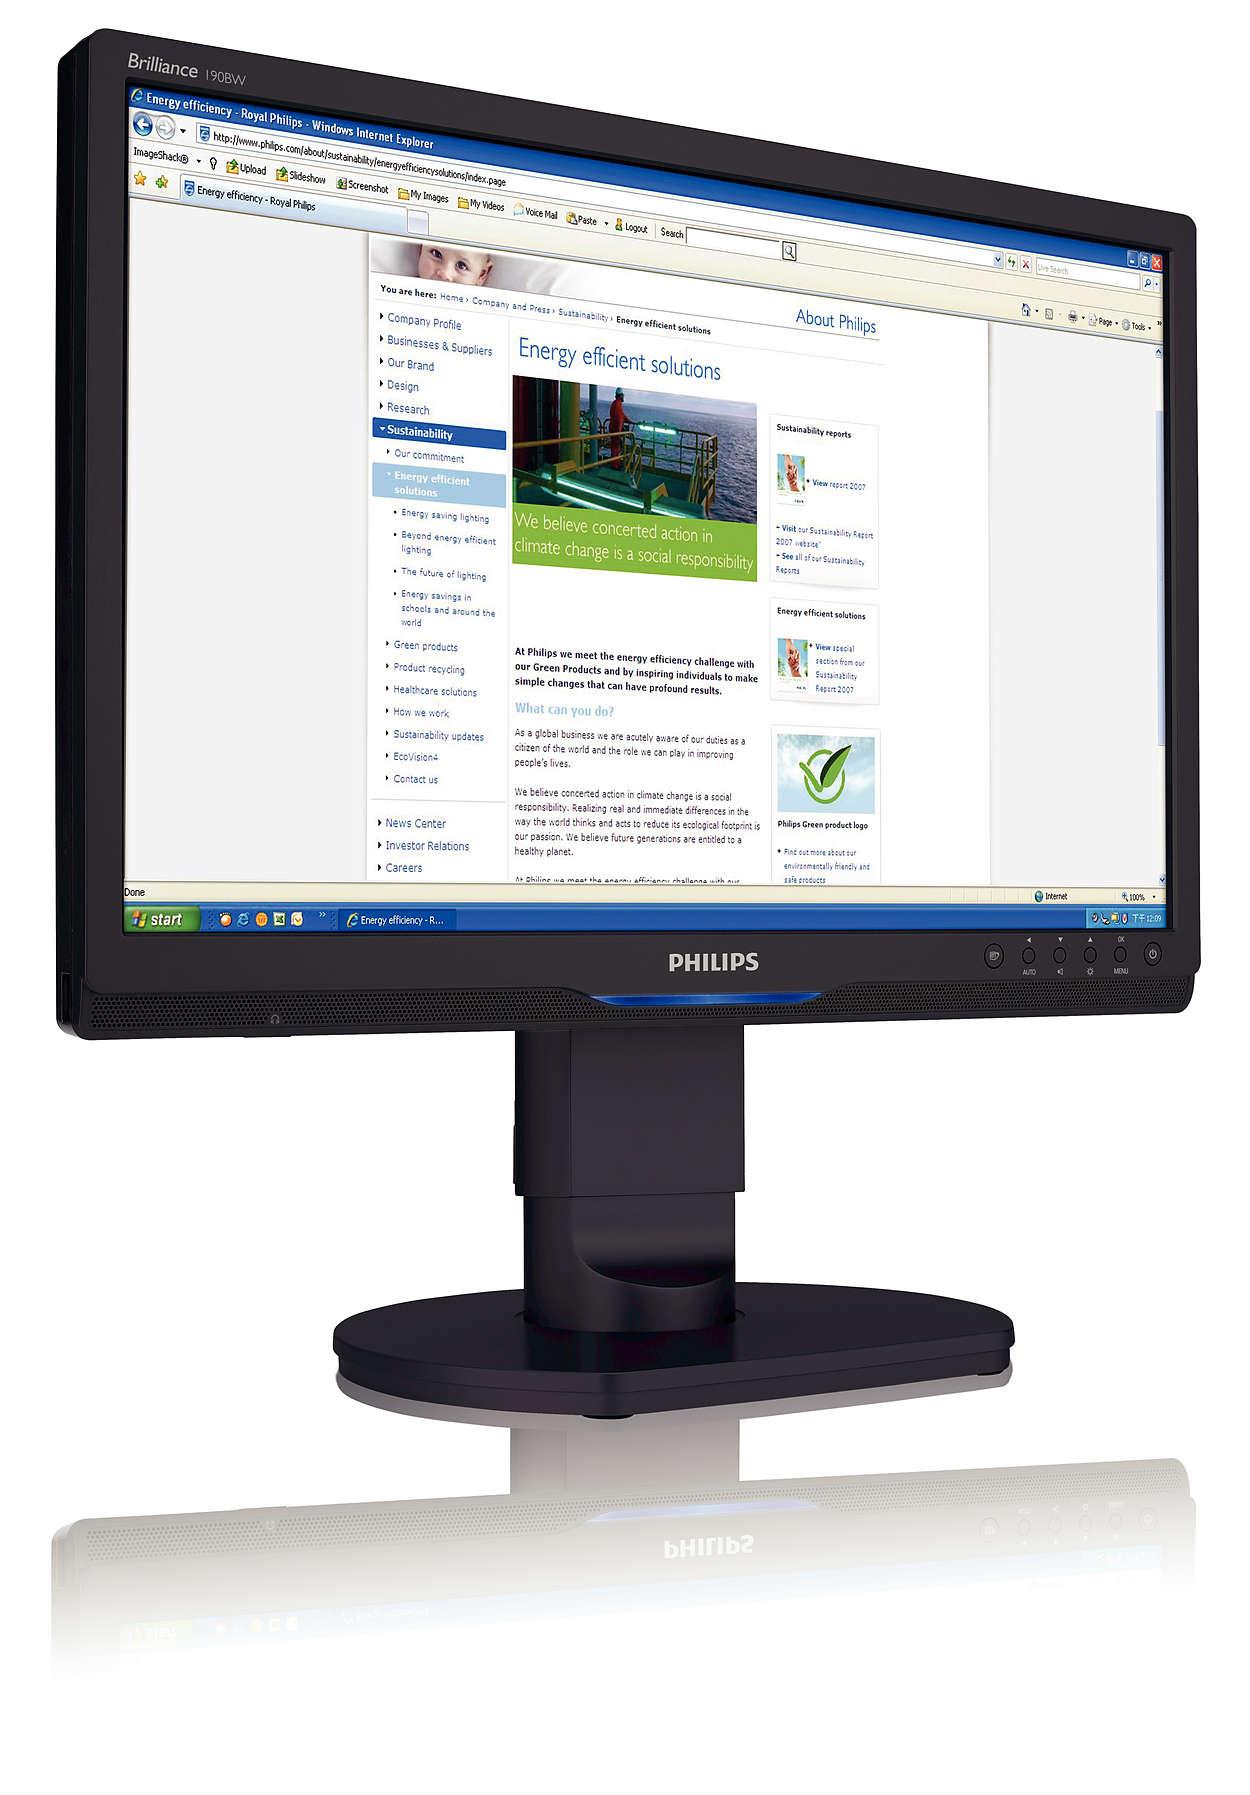 Ergon. Breitbild-Monitor mit hoher Auflösung für prof. Einsatz